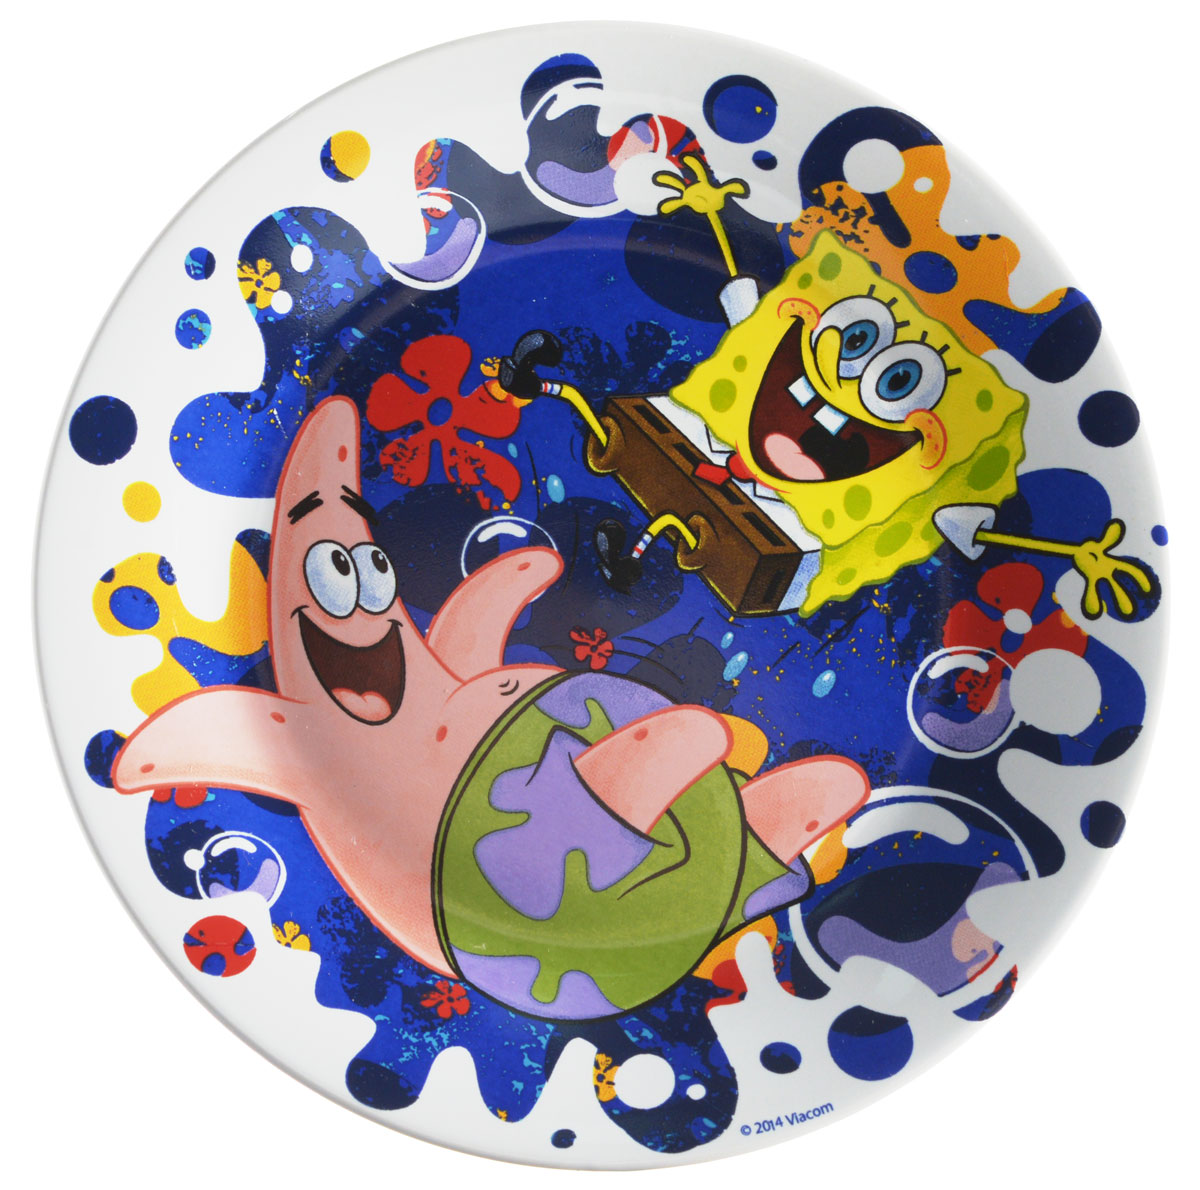 Губка Боб Тарелка детская Океан счастья диаметр 19 смSBP190-3Яркая тарелка Губка Боб Океан счастья идеально подойдет для кормления малыша и самостоятельного приема им пищи. Тарелка выполнена из керамики и оформлена высококачественным изображением героев мультфильма Губка Боб.Такой подарок станет не только приятным, но и практичным сувениром, добавит ярких эмоций вашему ребенку! Можно использовать в СВЧ-печи и посудомоечной машине.